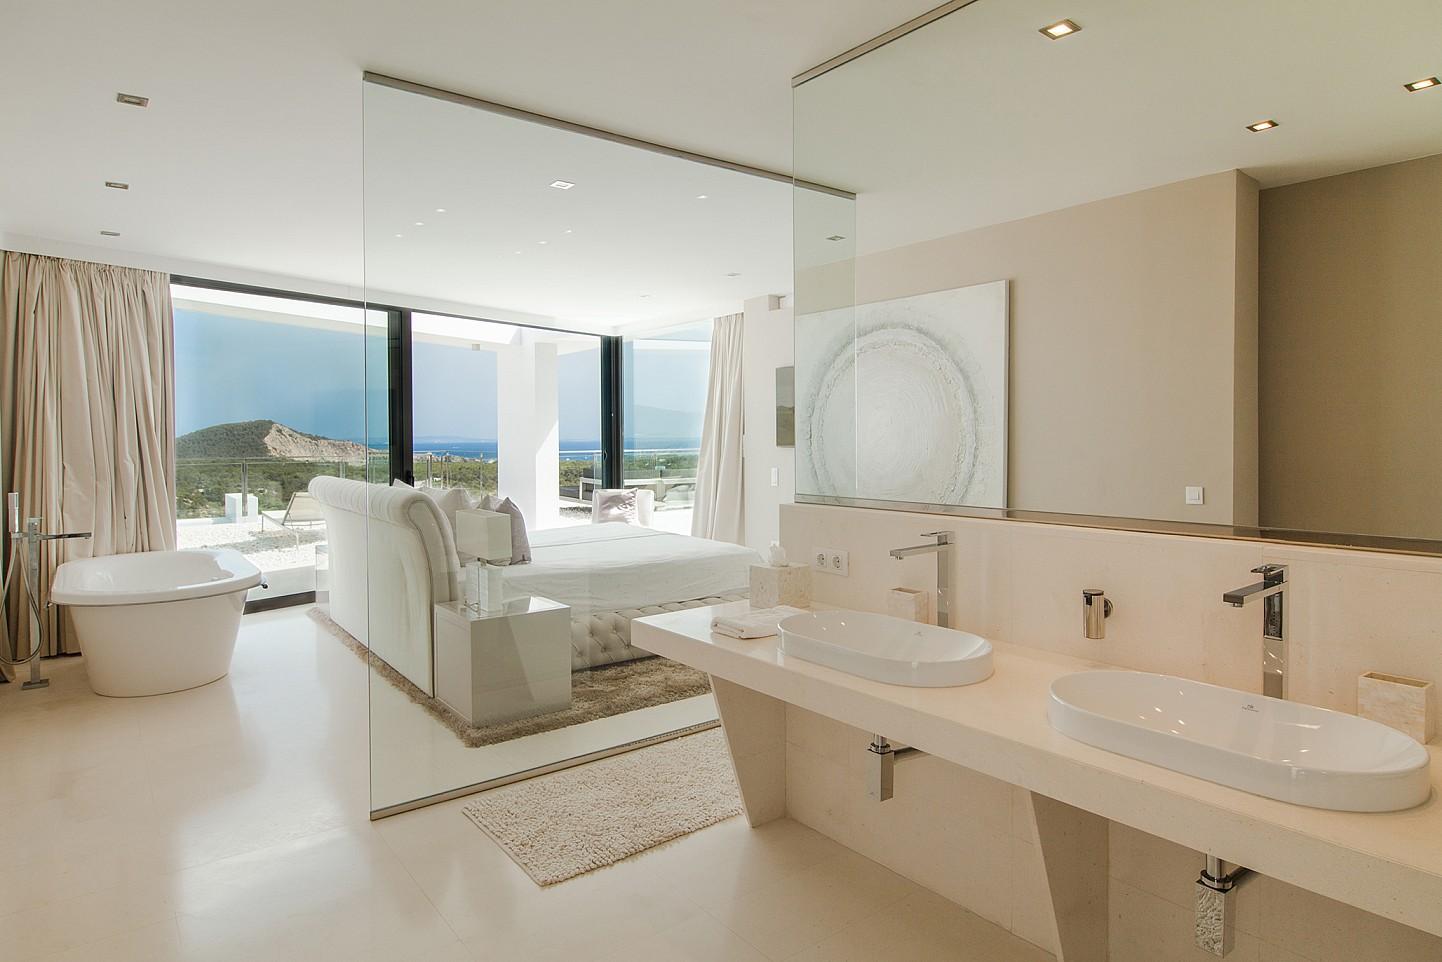 Dormitori amb bany en suite